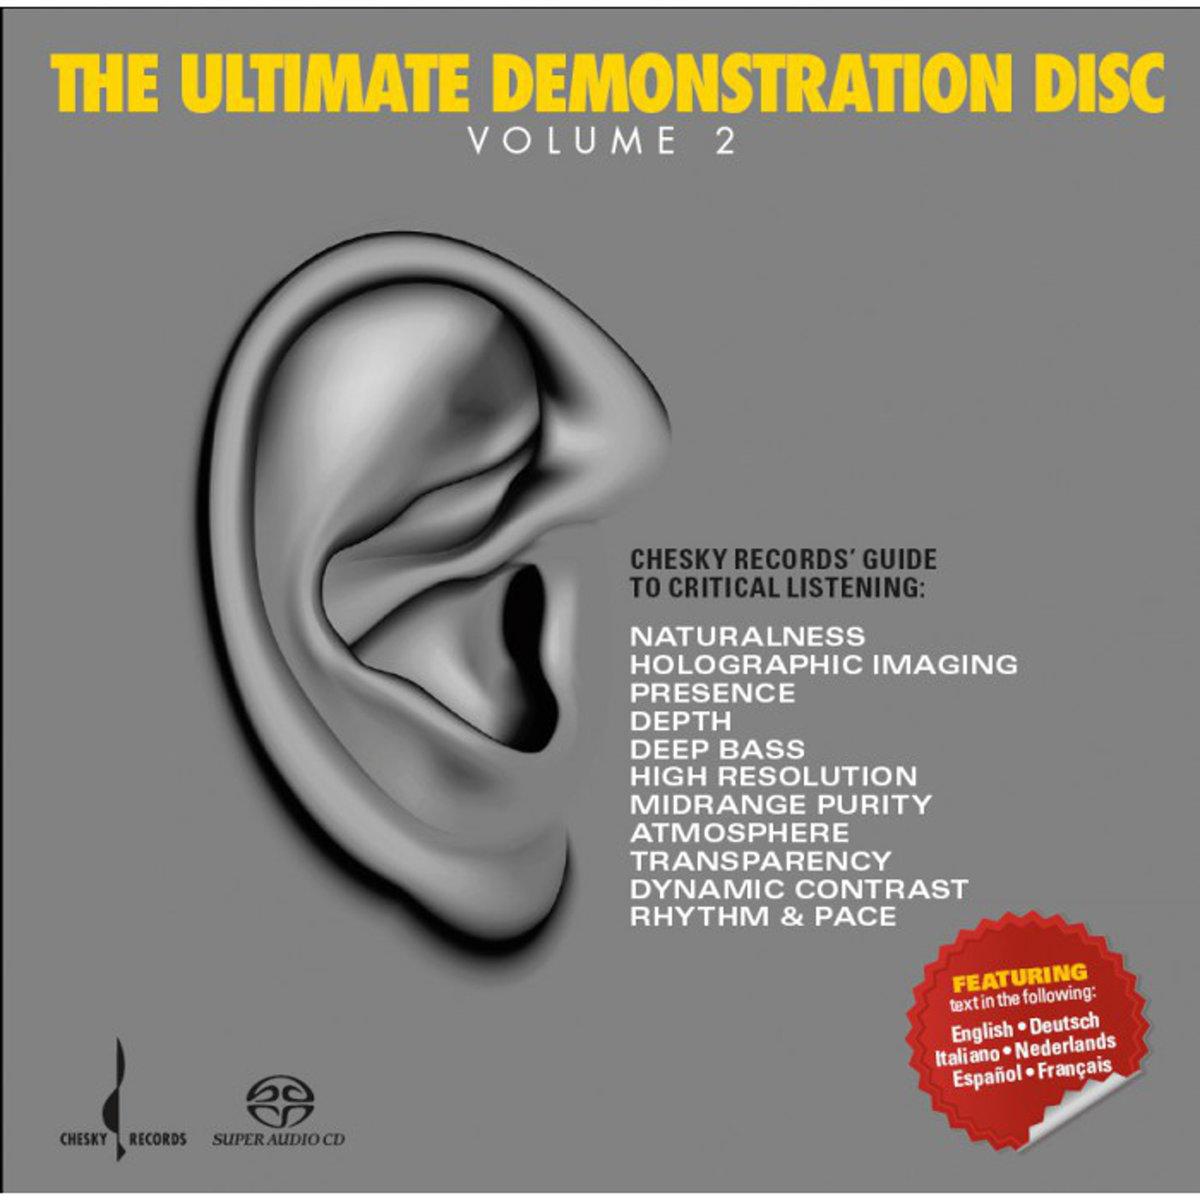 Různé značky Chesky Records - The Ultimate Demonstration Disc - Volume 2